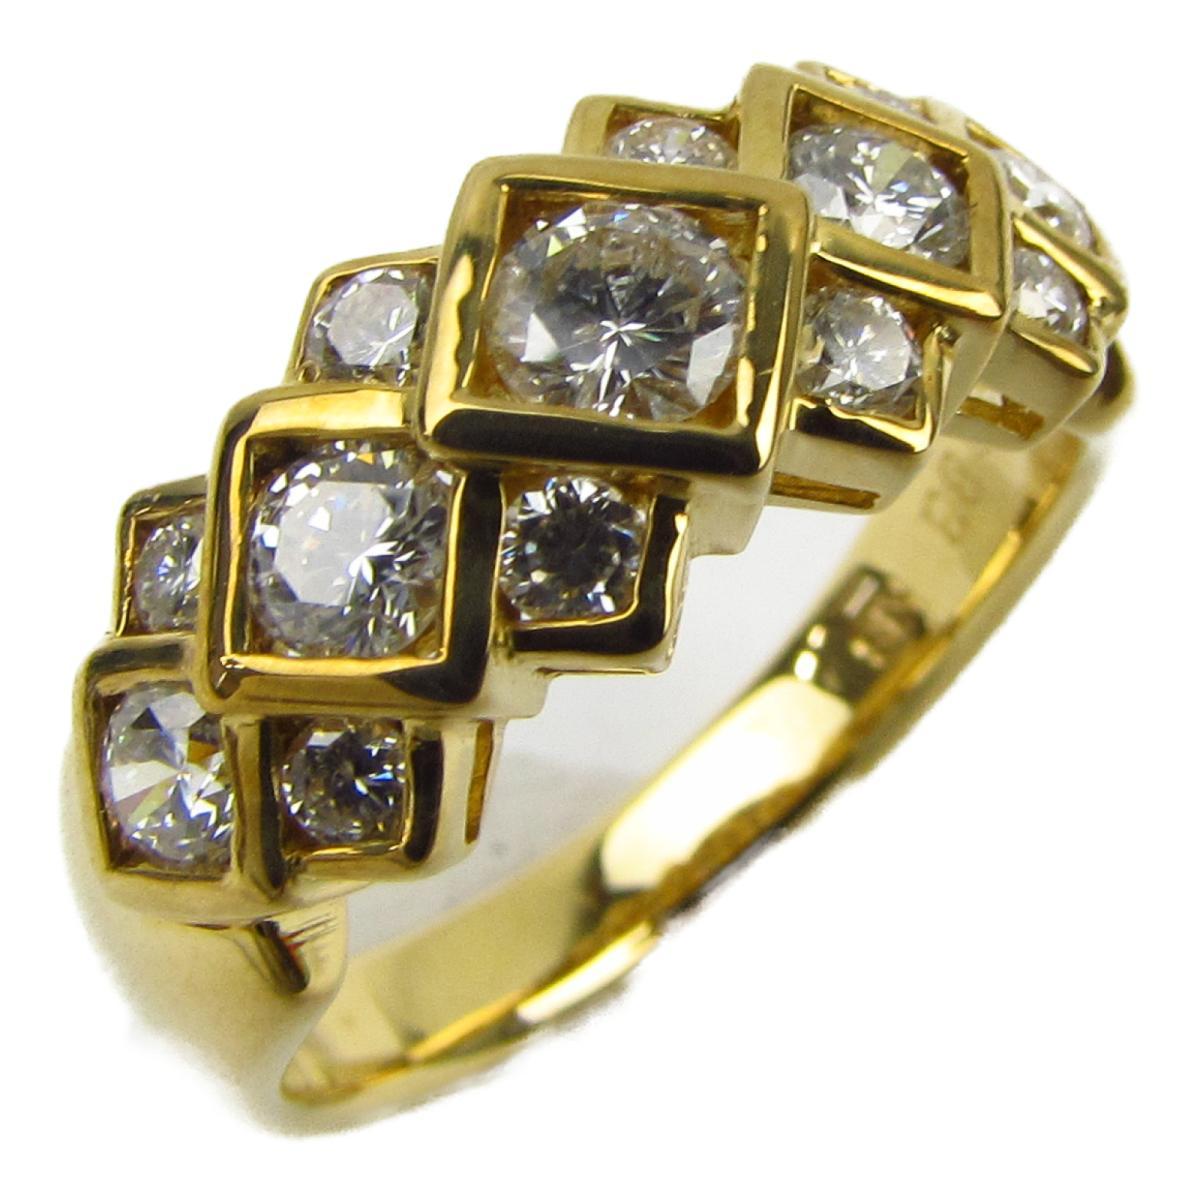 ジュエリー ダイヤモンド リング 指輪 ノーブランドジュエリー レディース K18YG (750) イエローゴールド x ダイヤモンド0.83ct 【中古】   JEWELRY BRANDOFF ブランドオフ アクセサリー